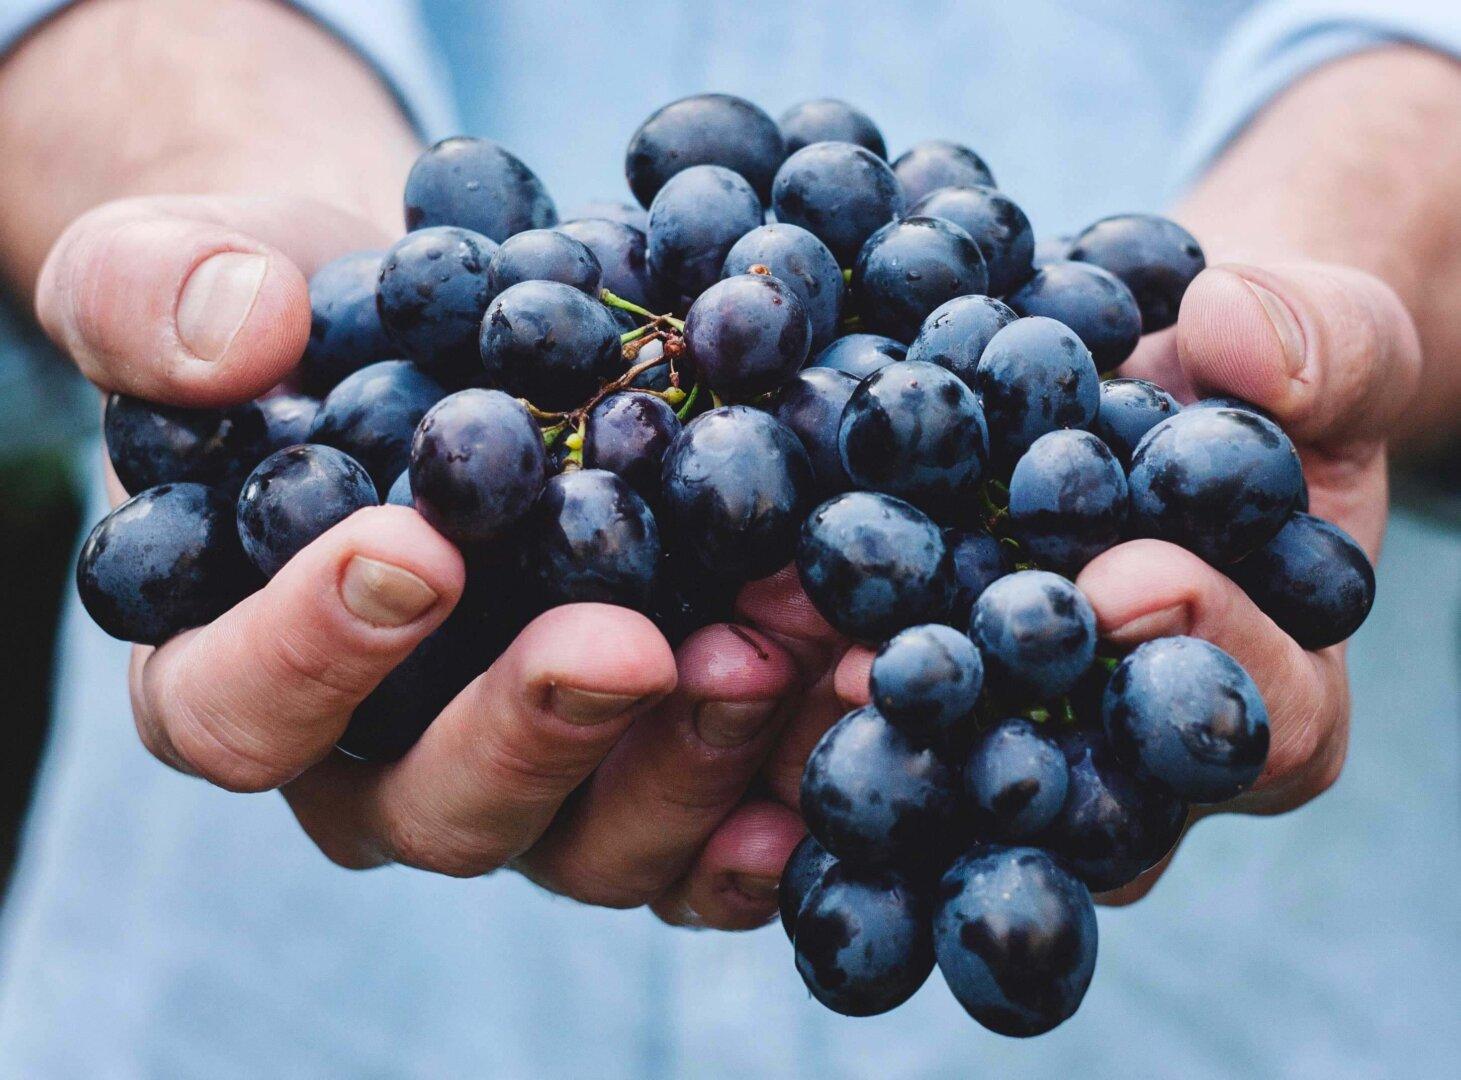 déguster simplement avec Elijence, agence de dégustation de vin à Dijon